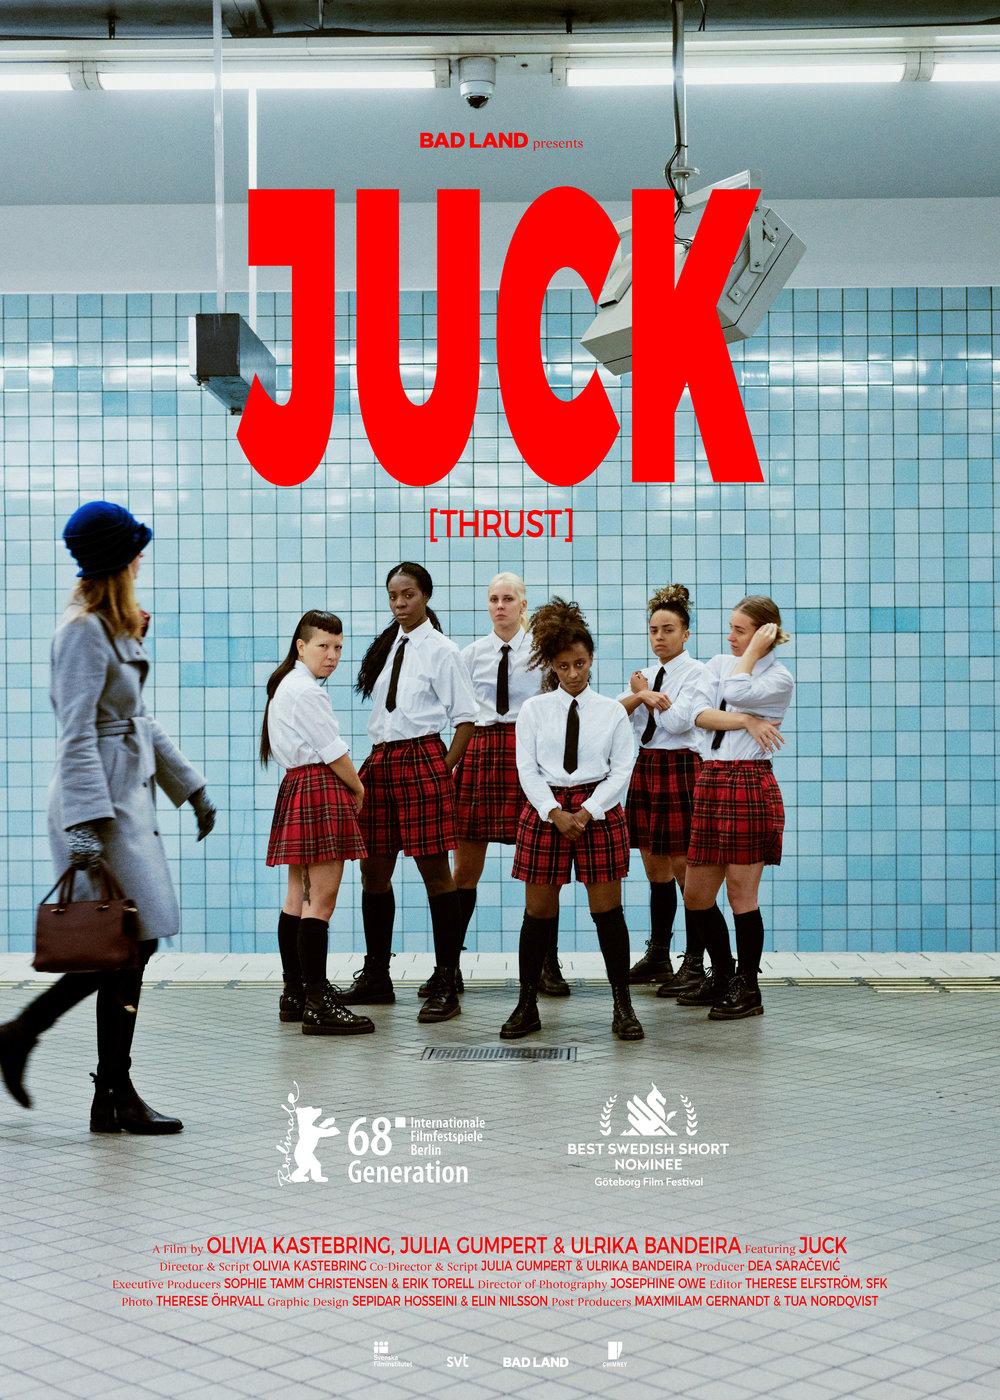 Juck    《JUCK》 是一部时长十七分钟,融合了纪录片、舞蹈和虚构的一部电影。影片描绘了名为JUCK舞团的一群女性,她们通过一部如同病毒般扩散的影片在2013年扬名世界。 JUCK在瑞典语中是HUMP(小山丘)的意思,她们创新的演出冲破了我们以往审视女性身体的方式……  阅读更多